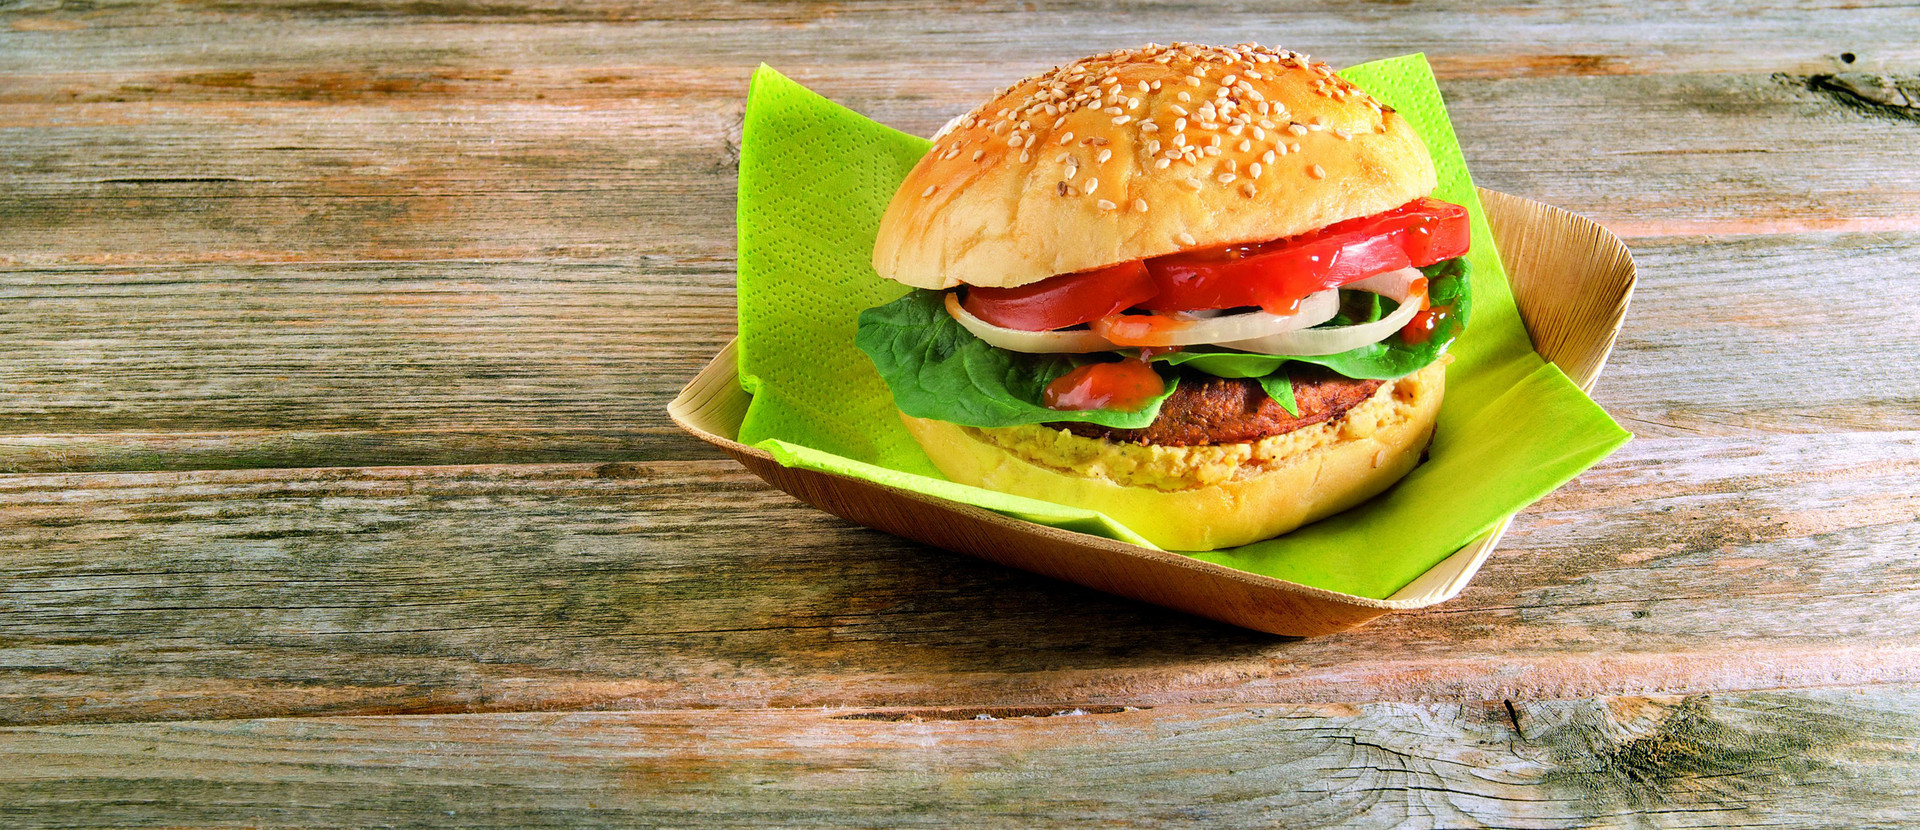 Burger mit Spinat und Hummus auf Holztisch